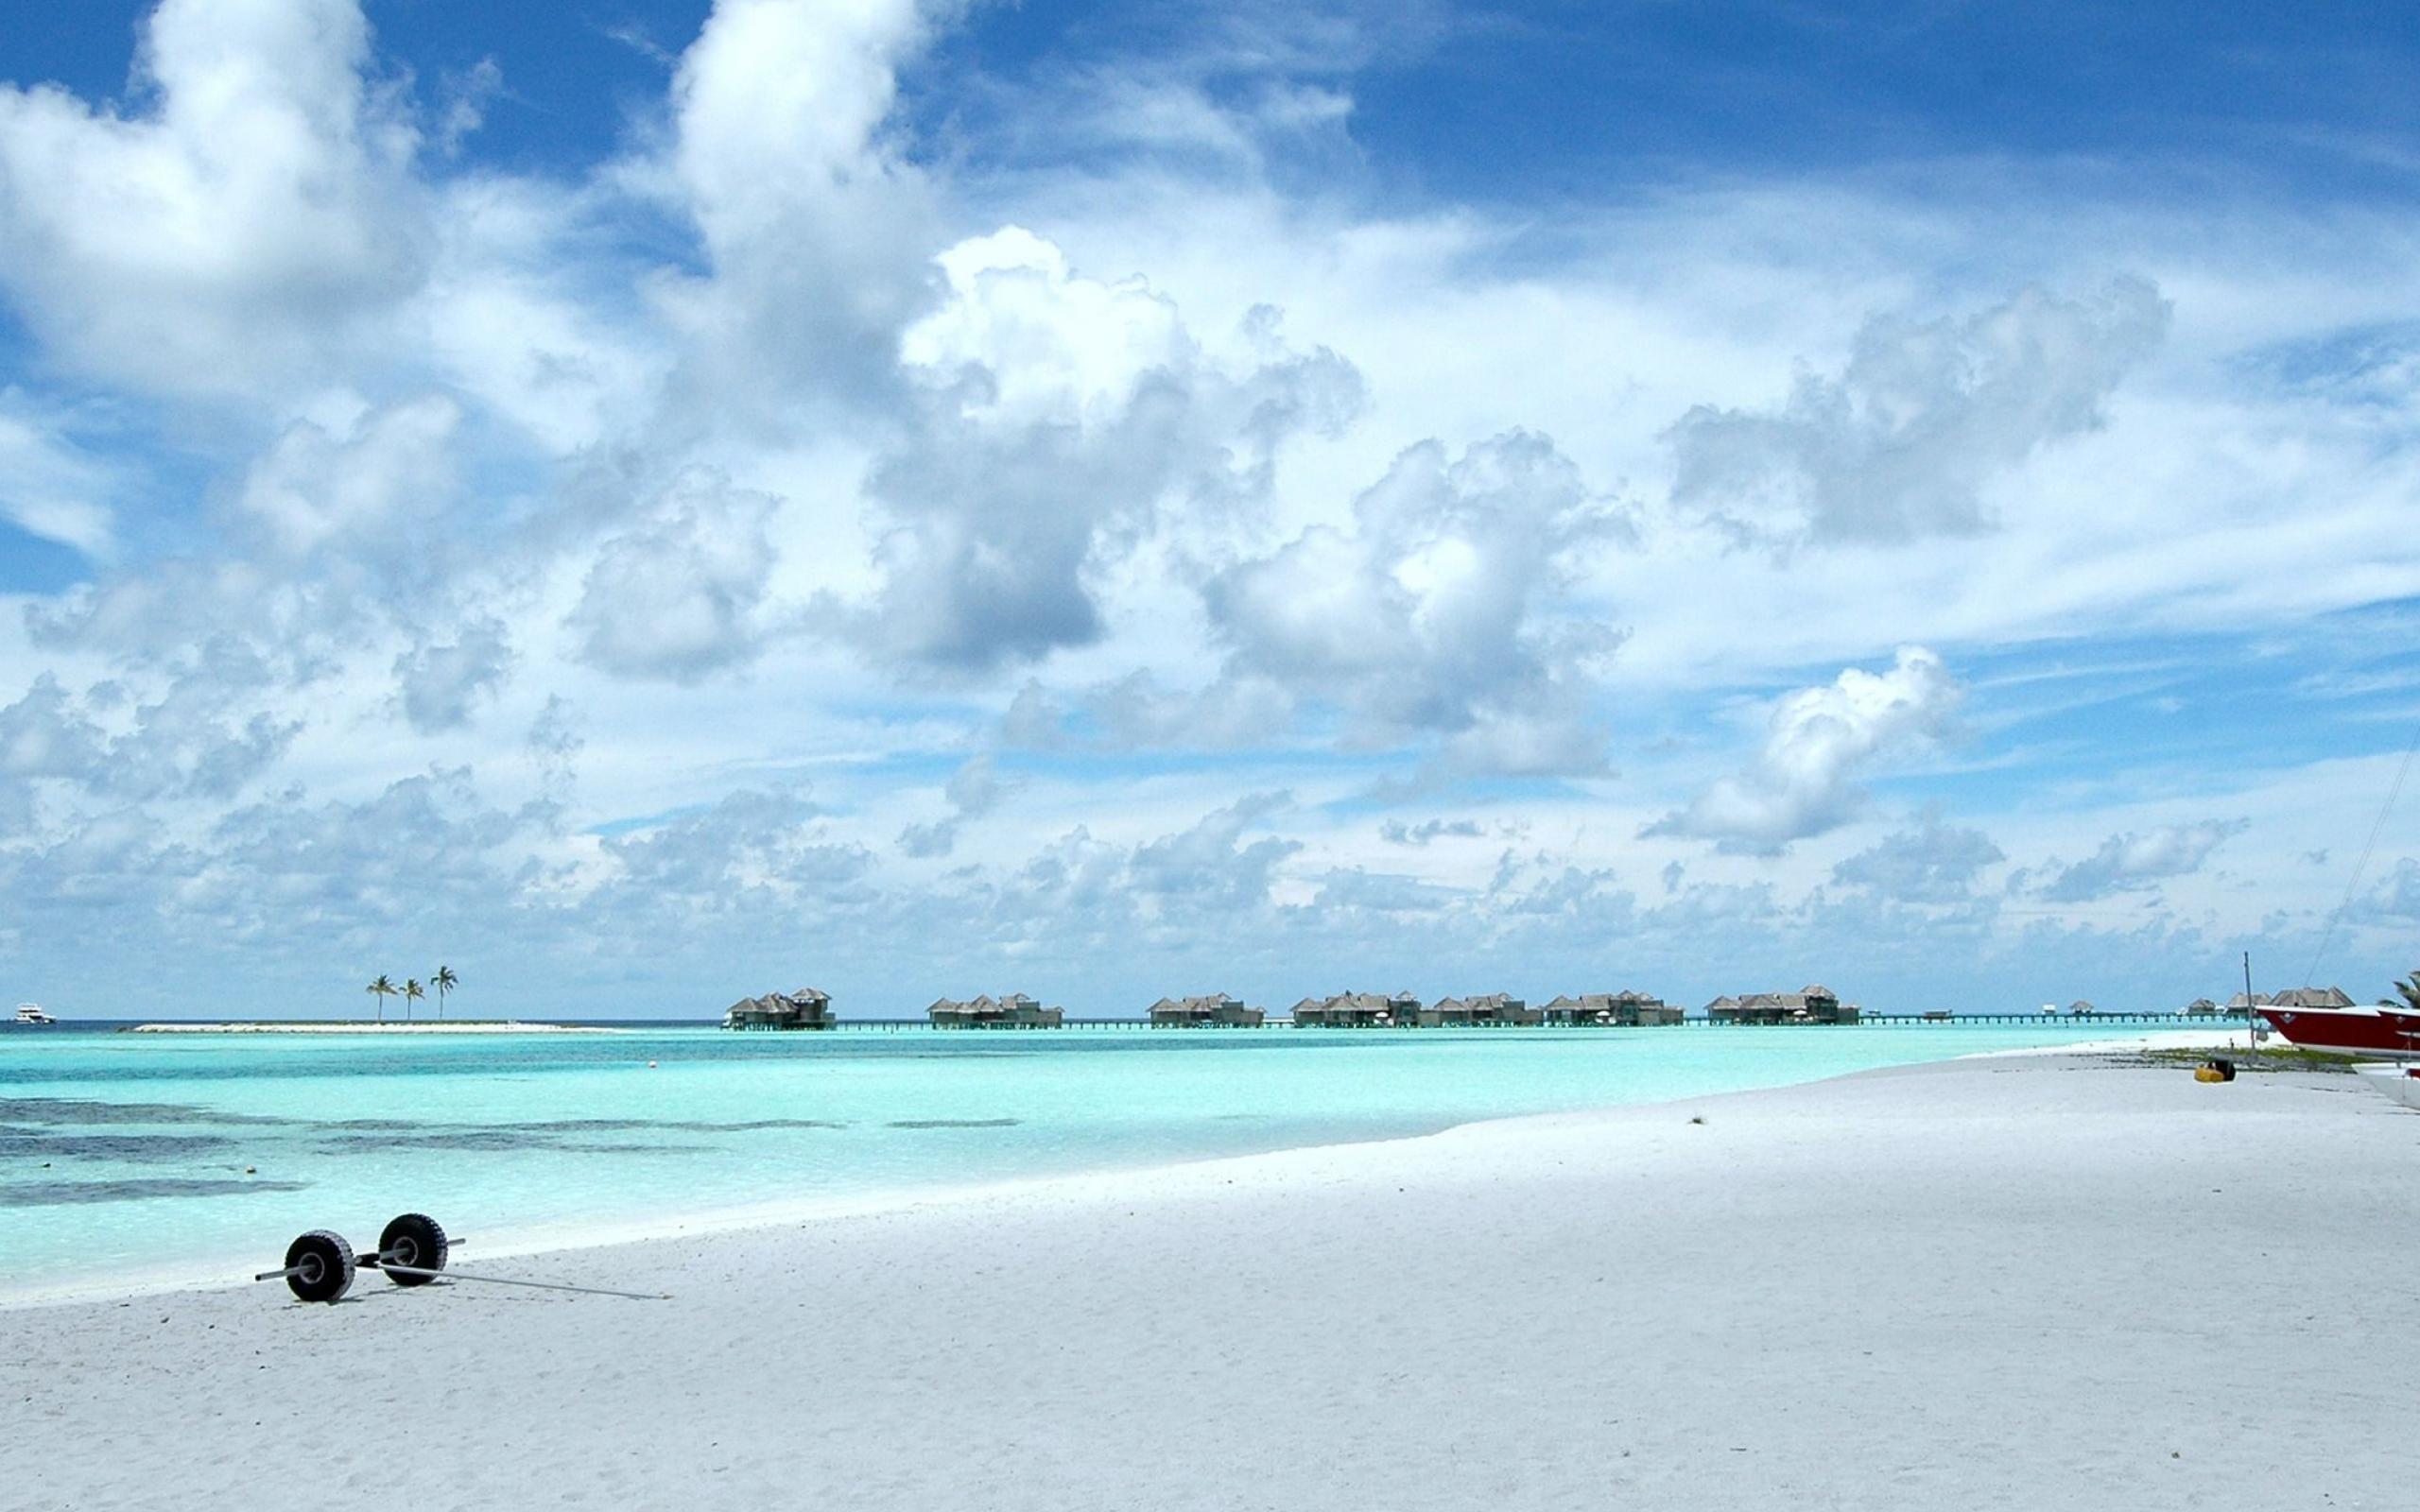 马尔代夫海滩-自然风景高清壁纸